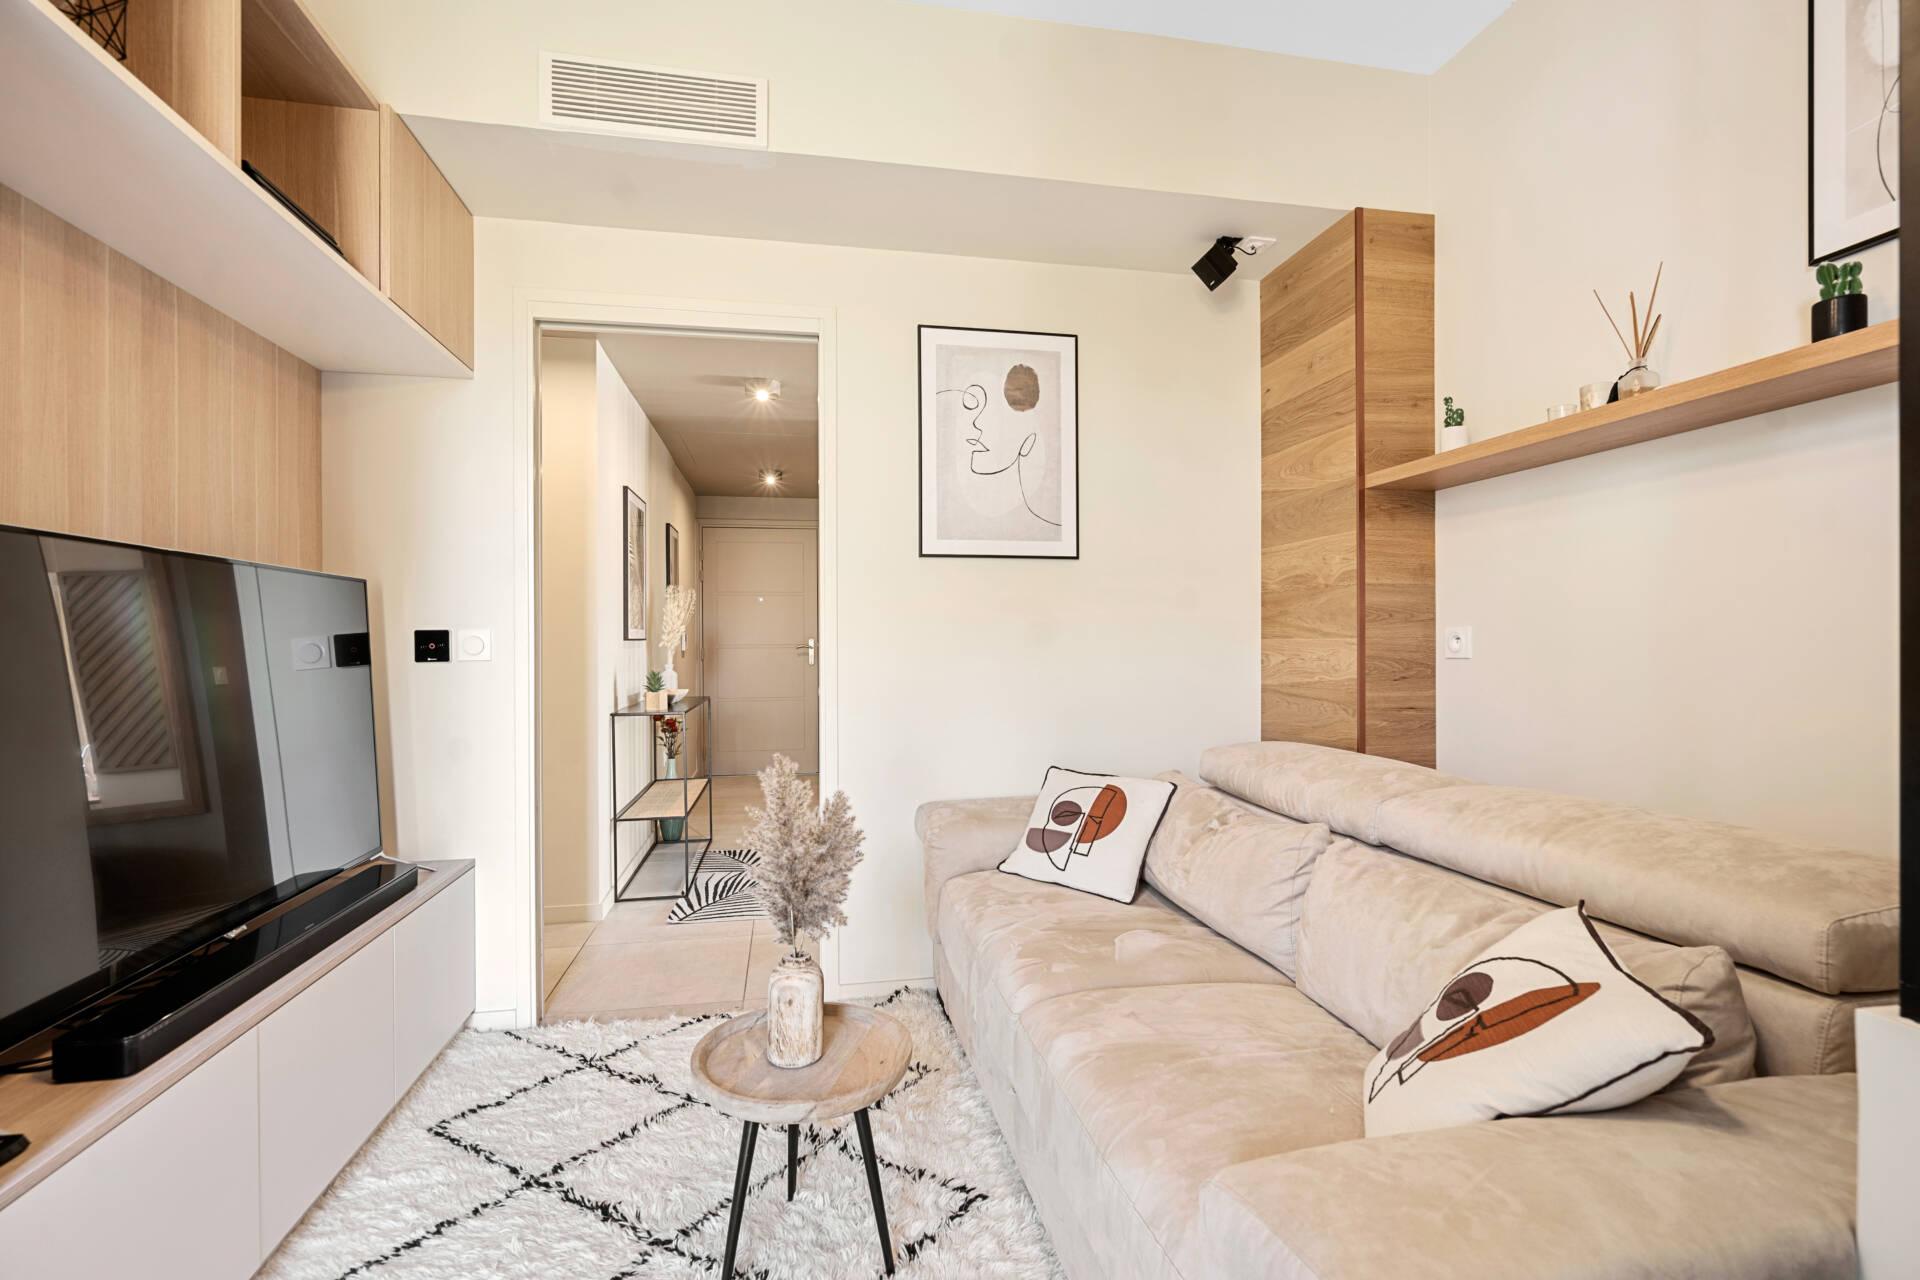 Décoration et agencement Appartement neuf Aix en Provence - salon avec meuble sur mesure bois et blanc, par Myll décors , Agence de décoration à Aix en Provence et dans le Var